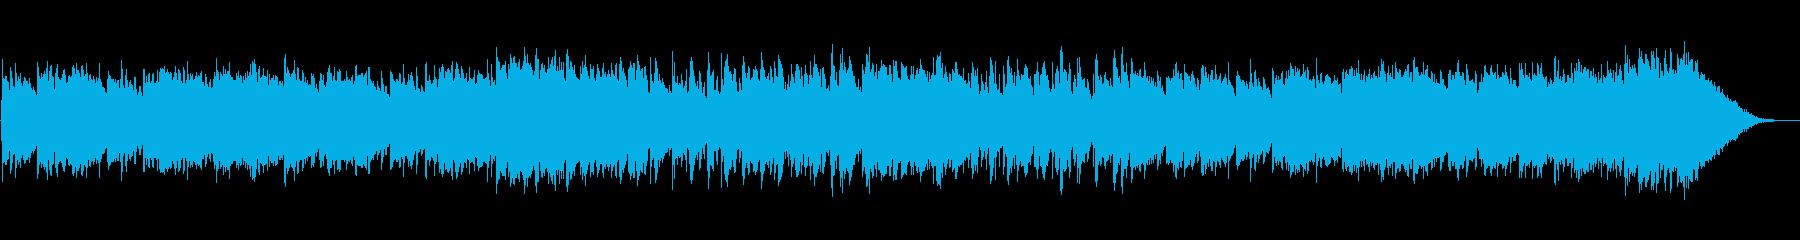 エンディング・おしゃれな夜景・R&Bの再生済みの波形